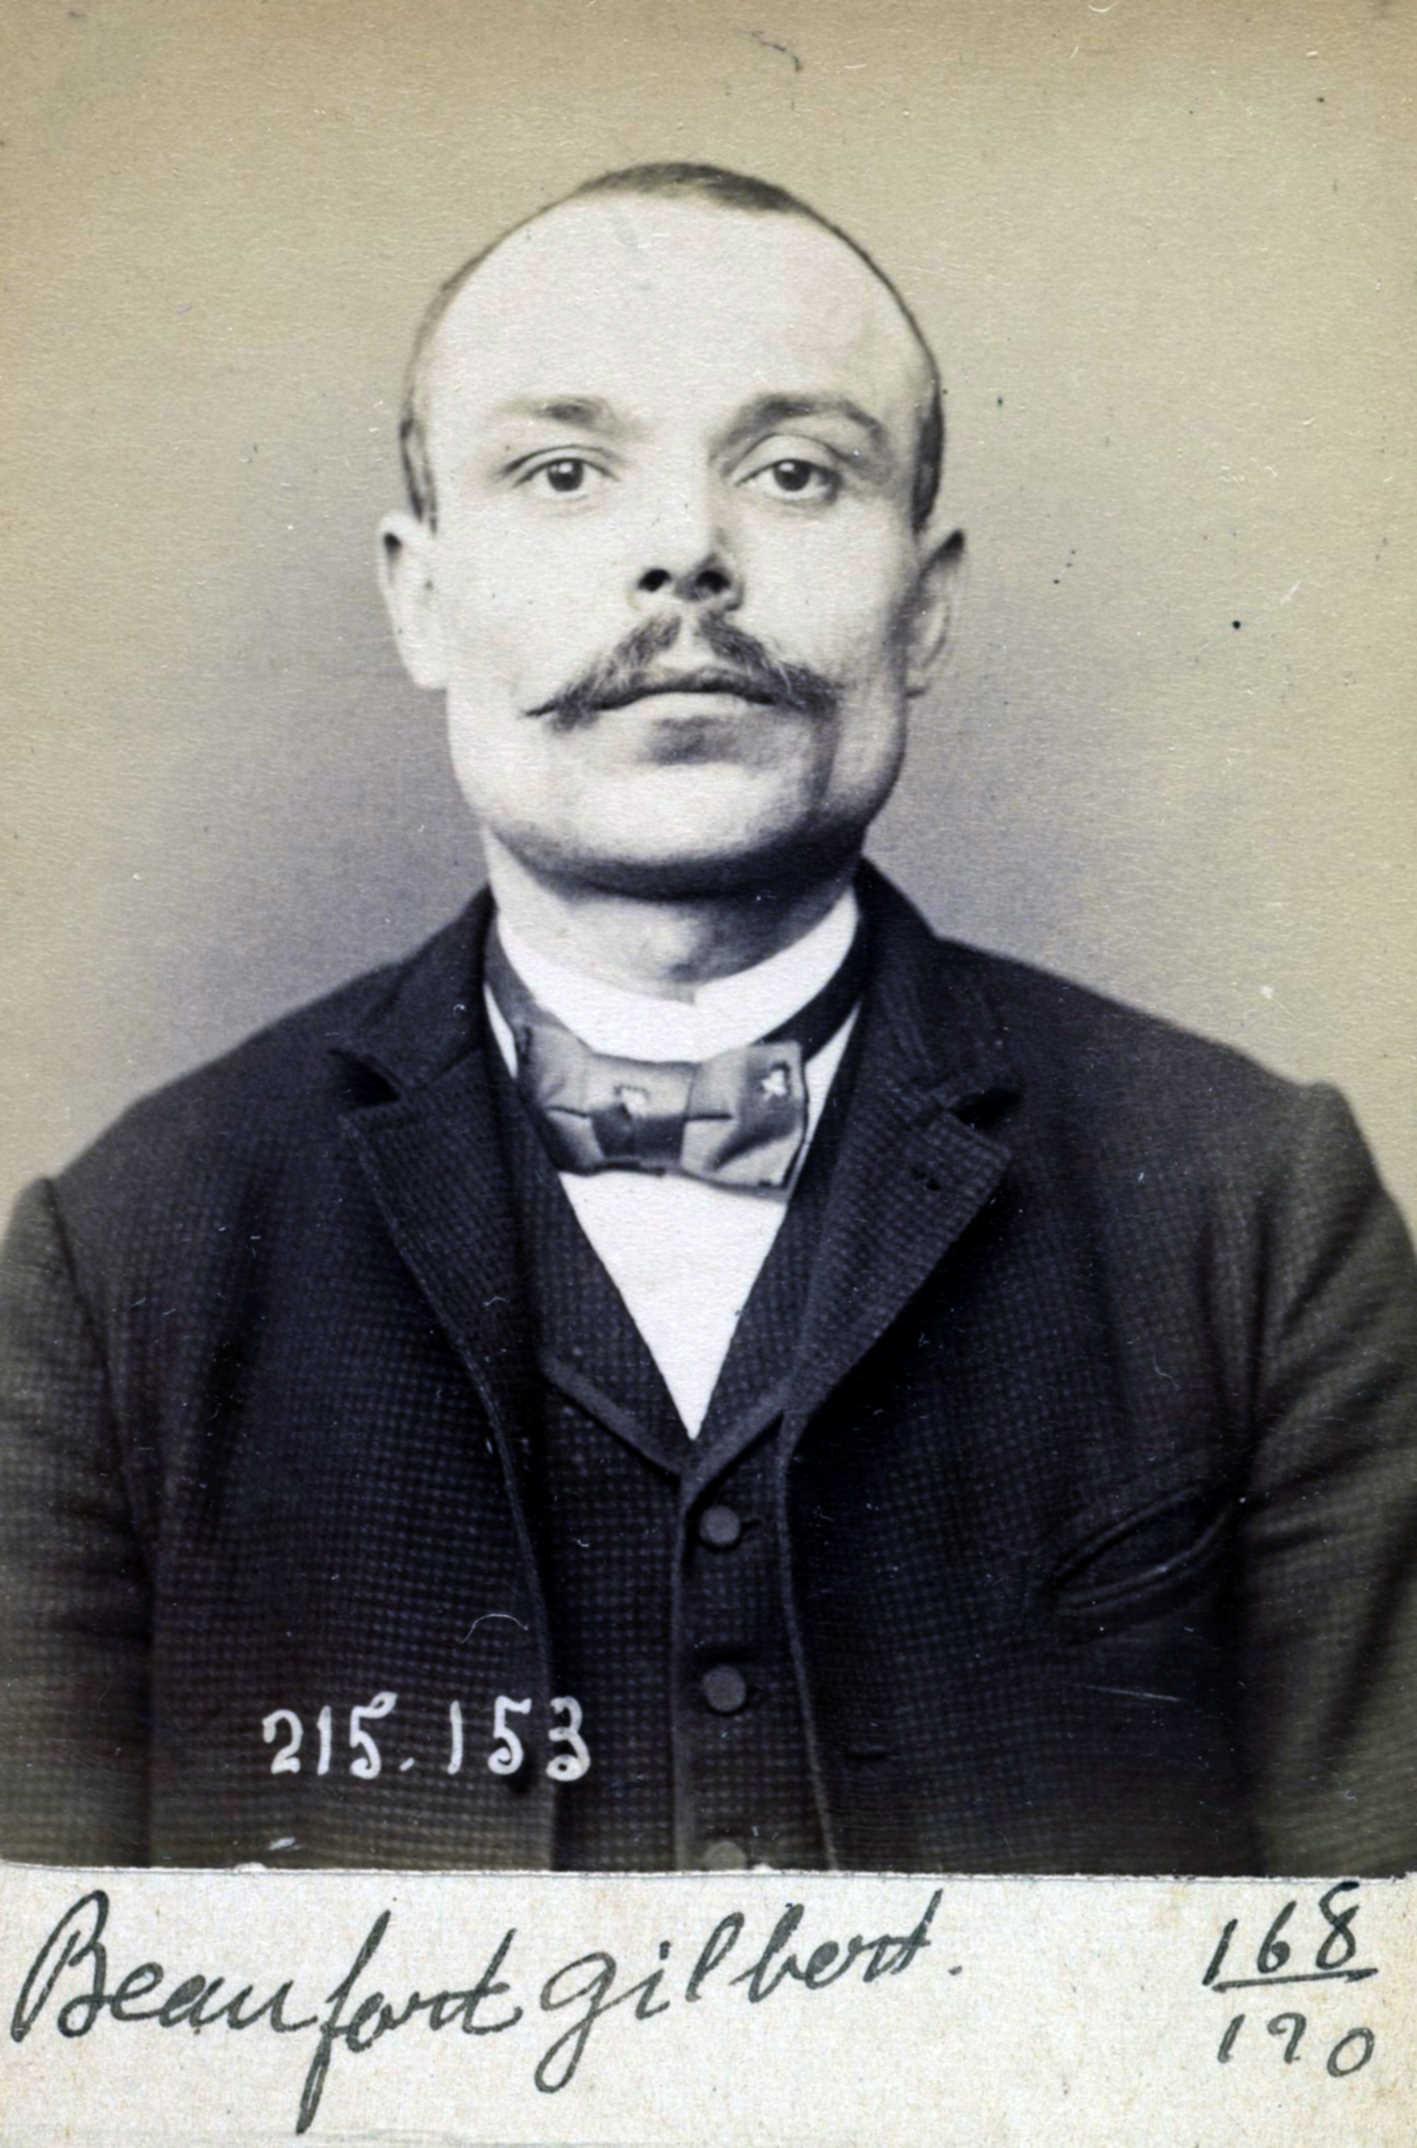 Foto policíaca de Gilbert Beaufort (5 de març de 1894)